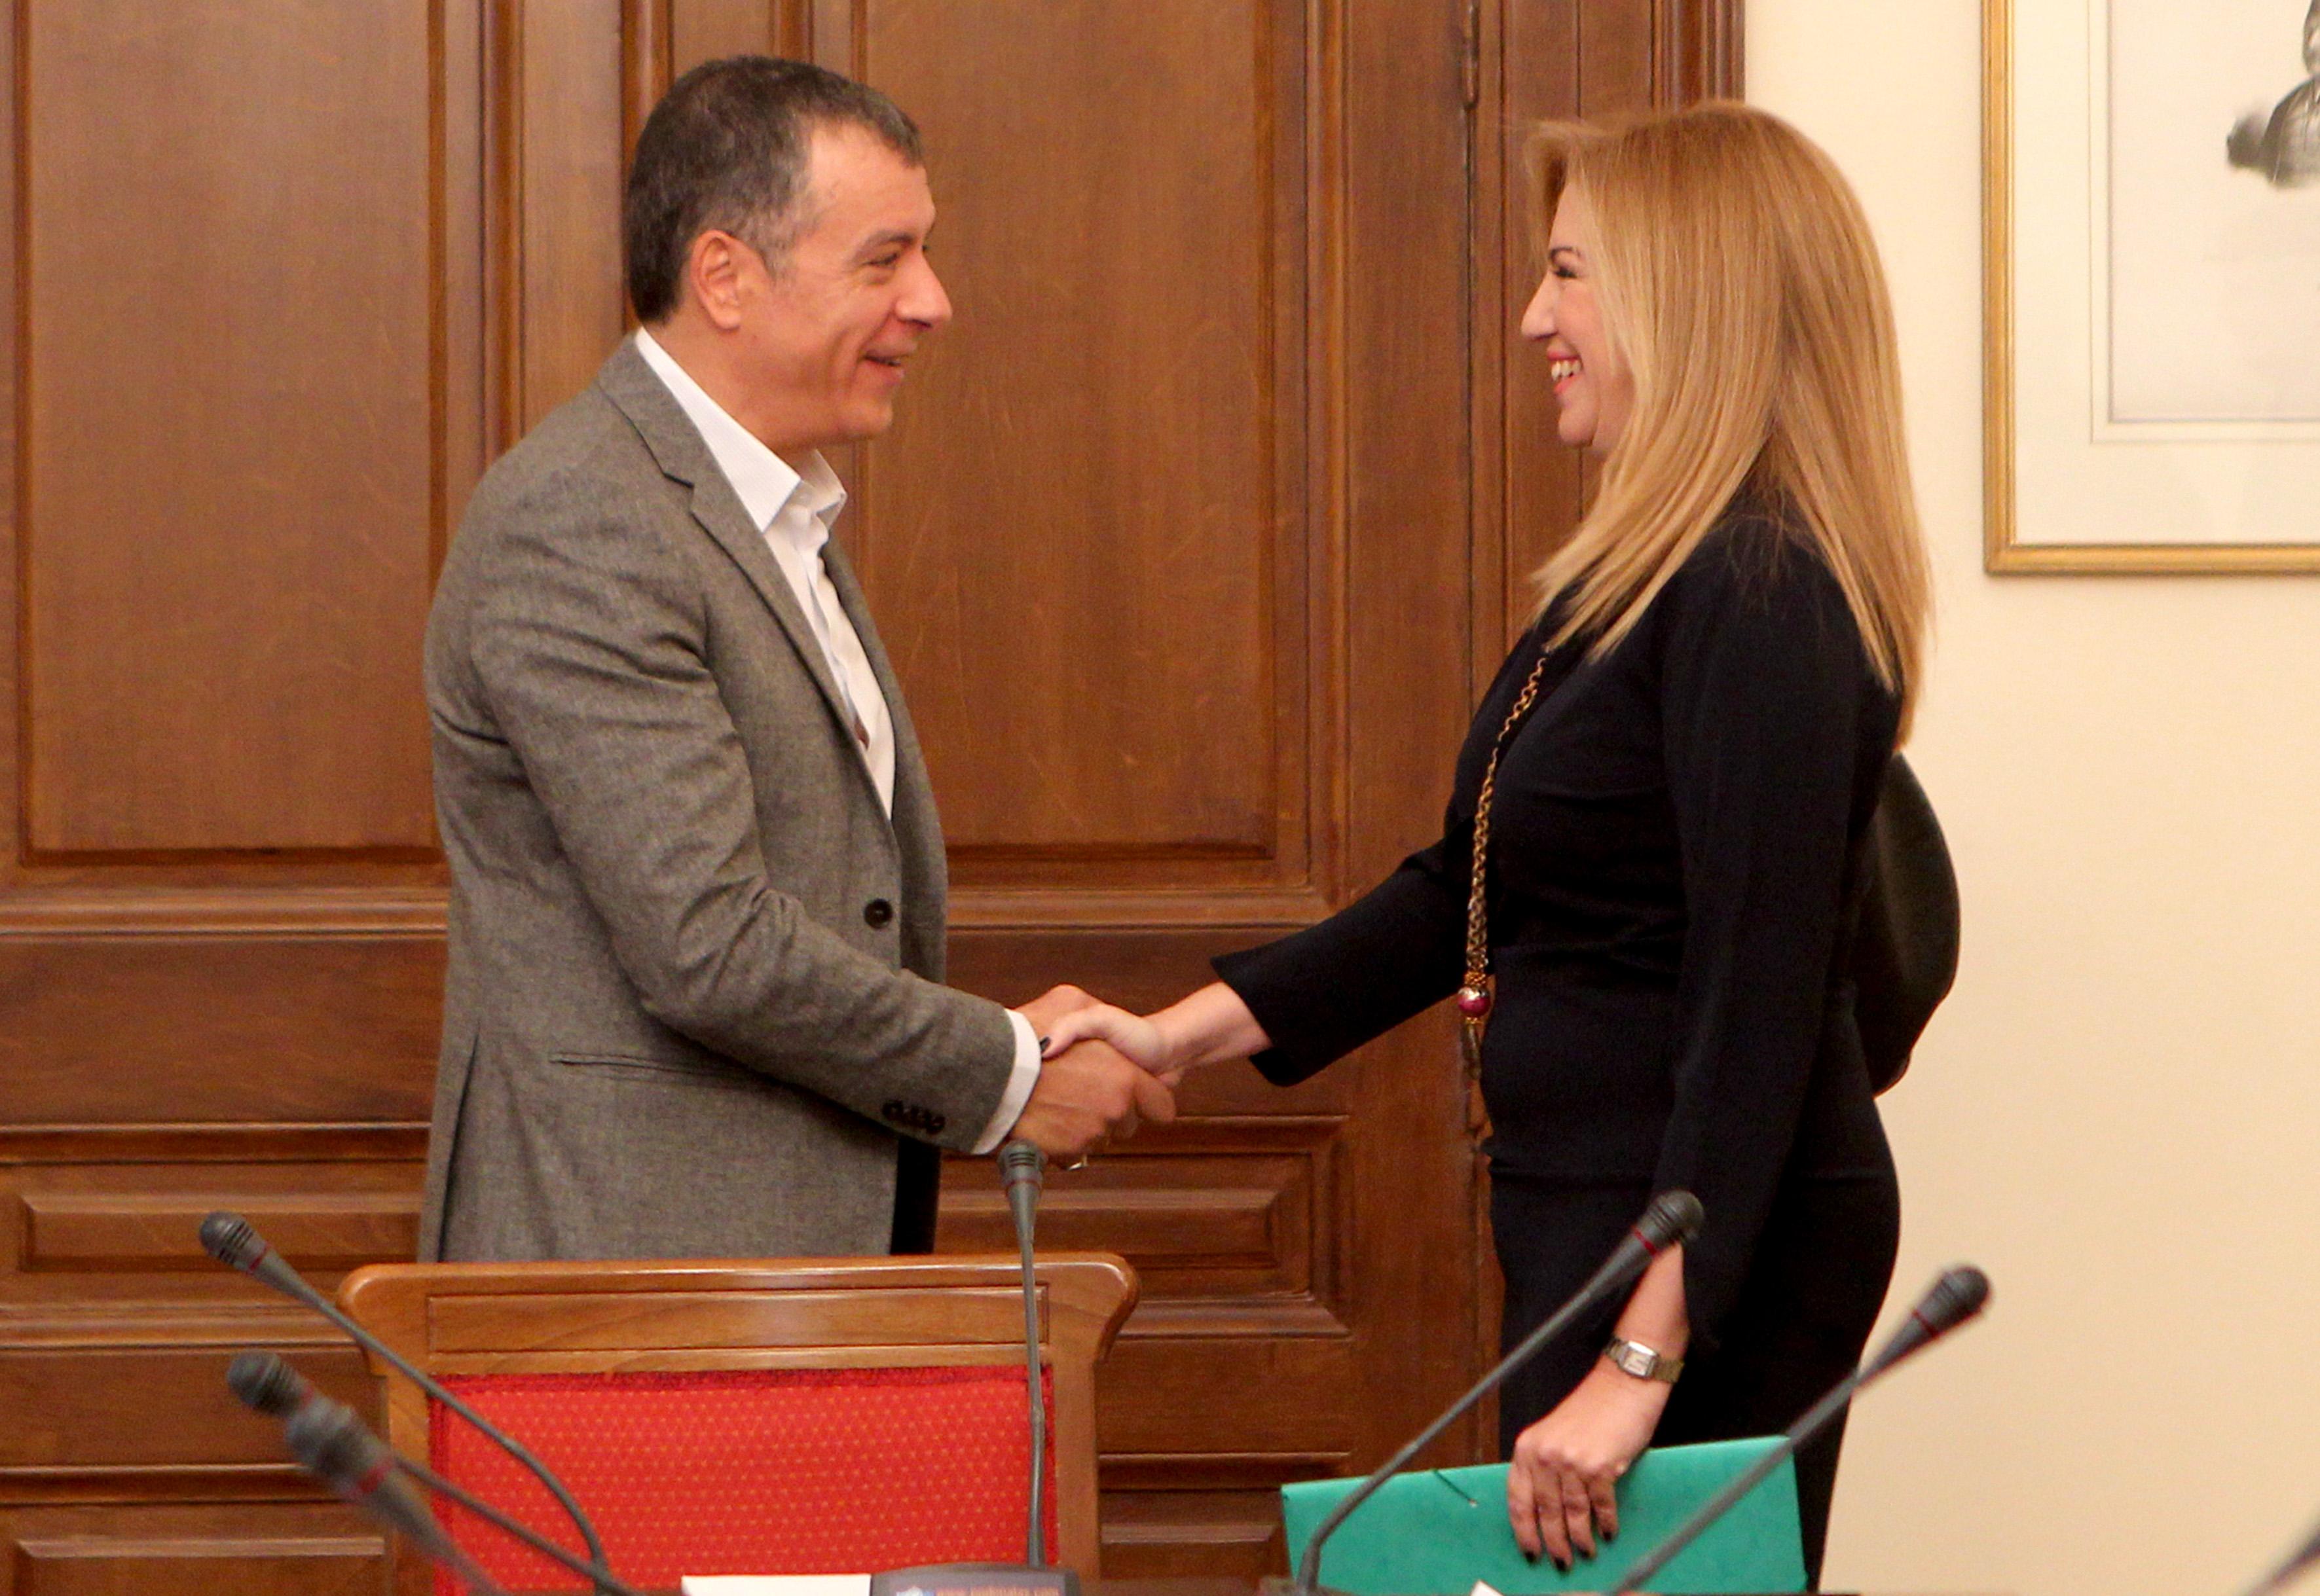 Ο  πρόεδρος  του ΠΑΣΟΚ Φώφη Γεννηματά (Δ) ανταλλάσει χειραψία με τον επικεφαλής του Ποταμιού Σταύρος Θεοδωράκης (Α) πριν ξεκινήσει η Σύσκεψη των Πολιτικών Αρχηγών υπό τον Πρόεδρο της Δημοκρατίας,  το Σάββατο 28 Νοεμβρίου 2015, στο Προεδρικό Μέγαρο. Ο πρωθυπουργός   ζήτησε από τον Πρόεδρο της Δημοκρατίας να συγκληθεί Σύσκεψη Πολιτικών Αρχηγών προκειμένου να υπάρξει ενημέρωση σε σχέση με το προσφυγικό, ενόψει της Συνόδου ΕΕ-Τουρκίας, καθώς και να προσδιοριστεί από κοινού διαδικασία εθνικού διαλόγου σχετικά με το ασφαλιστικό και τη συνταγματική αναθεώρηση.  ΑΠΕ-ΜΠΕ/ΑΠΕ-ΜΠΕ/Παντελής Σαΐτας